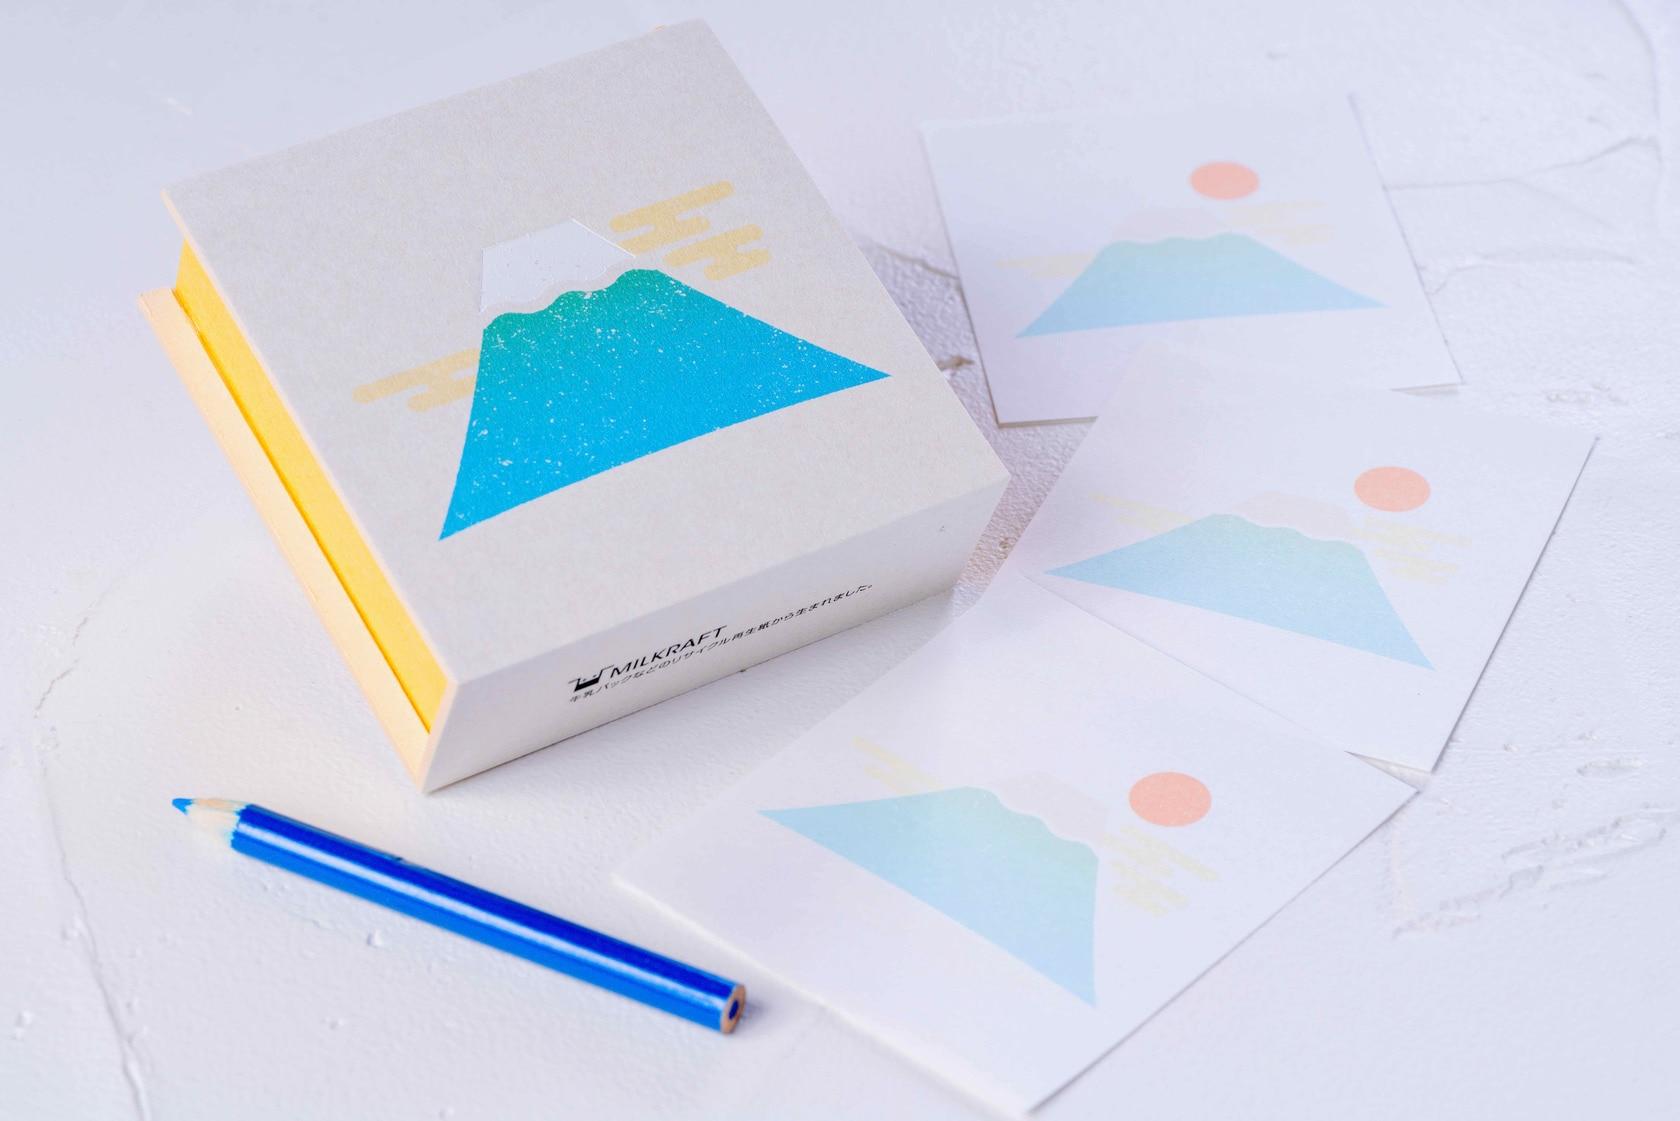 富士山がデザインされた紙箱とメモ用紙と色鉛筆